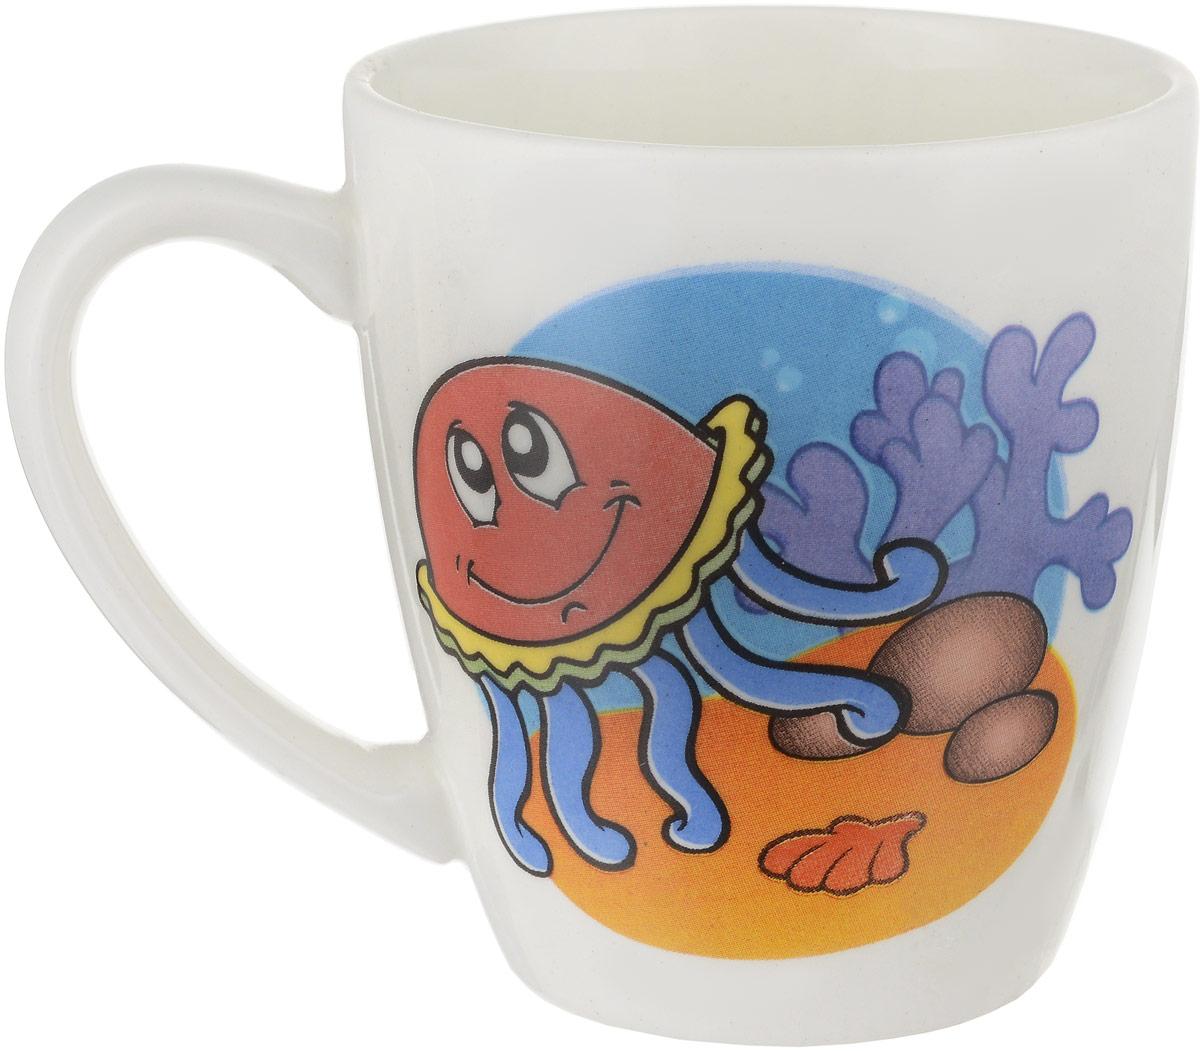 """Фаянсовая детская кружка Кубаньфарфор """"Морской мир: Медуза"""" с забавным рисунком понравится каждому  малышу. Изделие из  качественного материала станет правильным выбором для повседневной эксплуатации и поможет превратить каждый  прием пищи в радостное  приключение.Кружка легко моется, не впитывает запахи, а рисунок имеет насыщенный цвет. Благодаря  безопасному материалу, кружка  подойдет для любых напитков. Объем кружки - 220 мл. Кружа дополнена удобной ручкой, а ее небольшие размеры и  вес позволят малышу без труда держать кружку самостоятельно.  Оригинальная детская кружка непременно порадует ребенка и станет отличным подарком для маленького  мореплавателя. Кружку можно использовать в СВЧ-печах и мыть в посудомоечных машинах."""